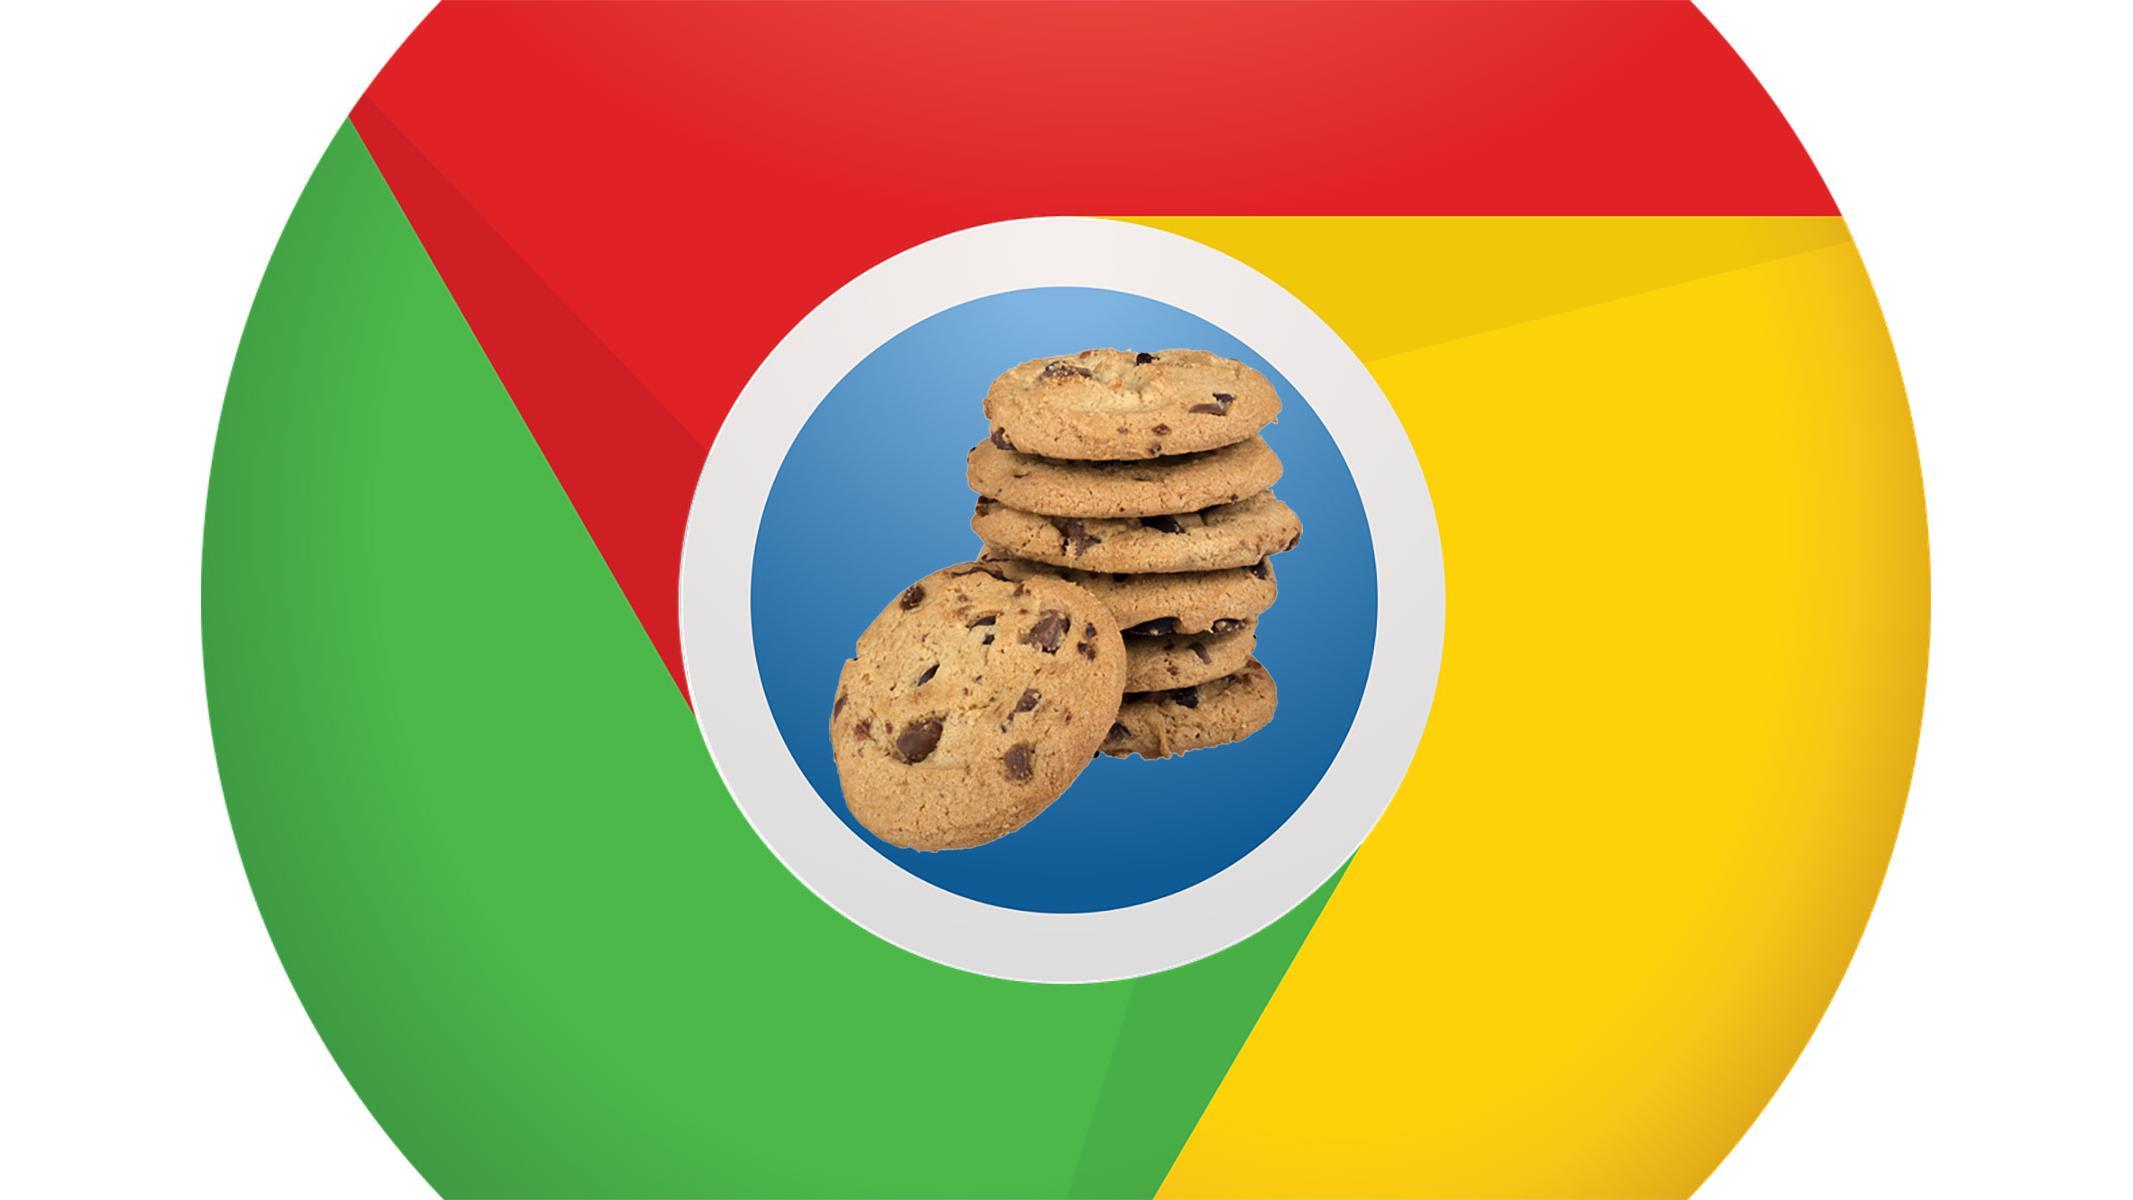 [Obrázek: 16x9_2133x1200_highres-chrome-cookies.jpg]